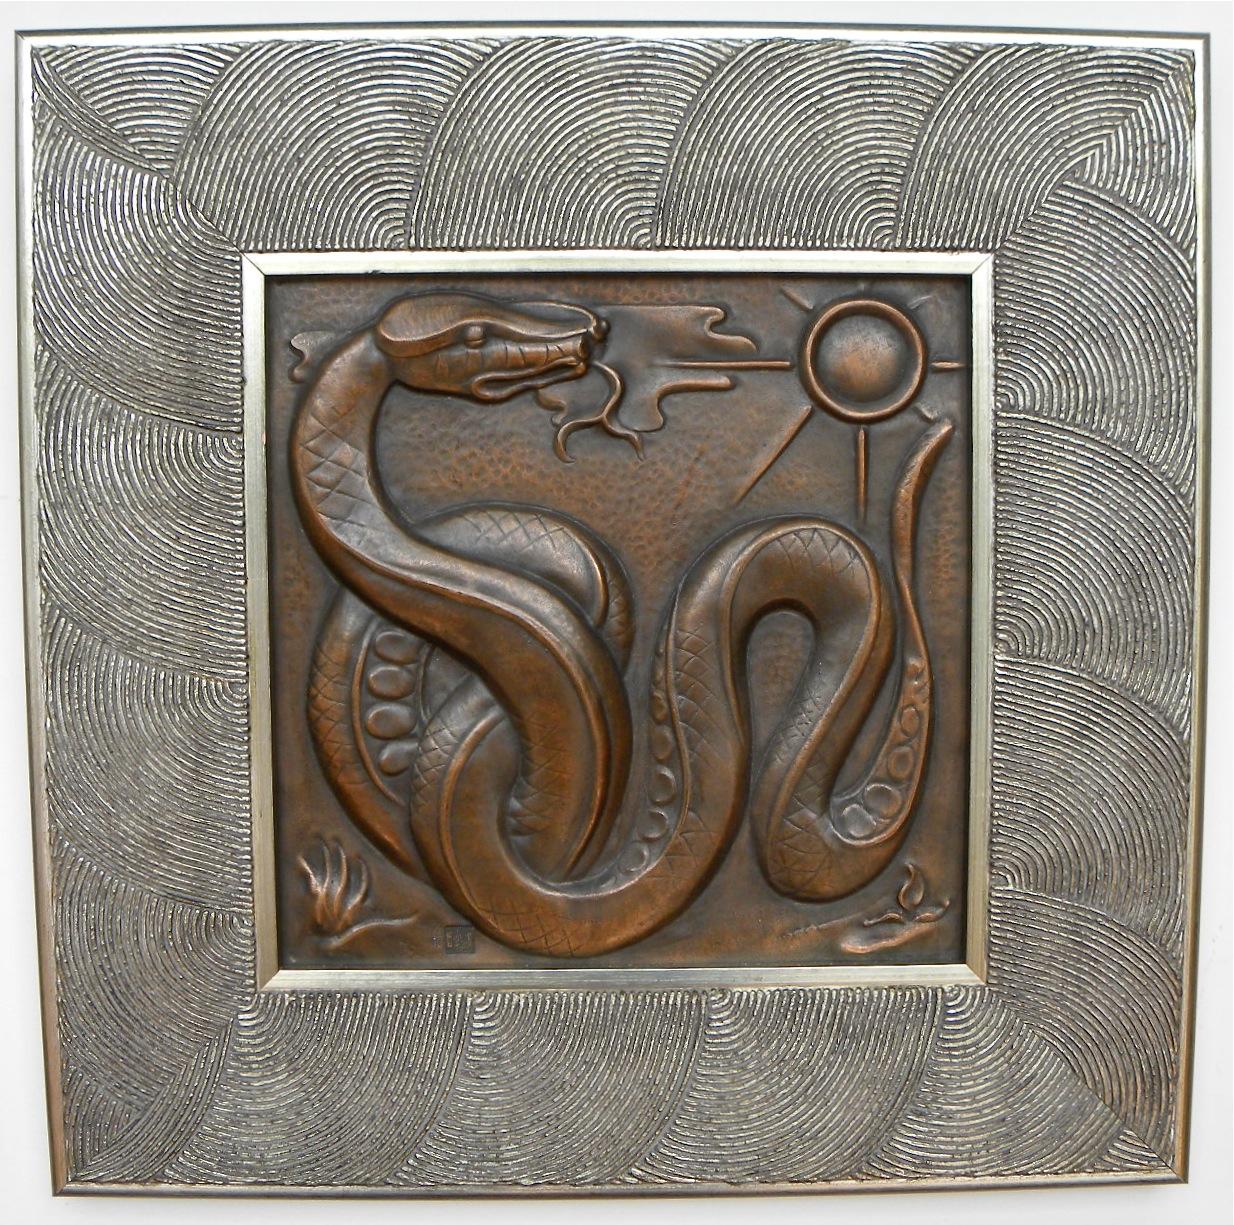 Art Deco Wall Art 1930s belgian art deco copper wall plaque quintet • maredsous